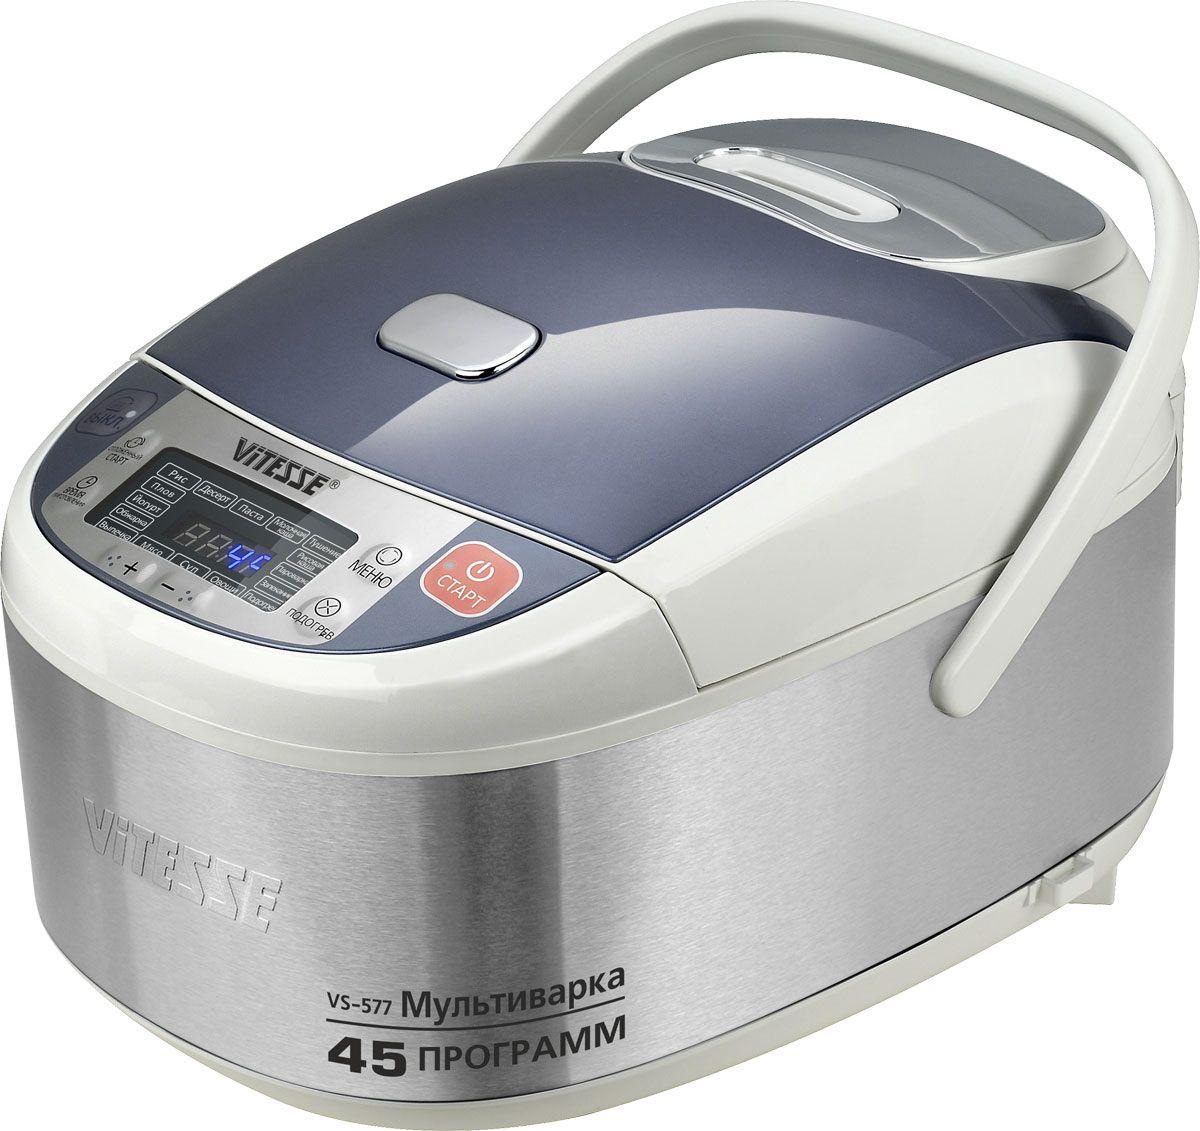 Vitesse VS-577 мультиваркаVS-577Мультиварка Vitesse VS-577 с шестнадцатью автоматическими программами приготовления. 3D нагрев обеспечивает более быстрое и равномерное распределение тепла. Внутренняя чаша с керамическим покрытием Eco-Cera позволяет готовить без масла. Мультиварка имеет ручка для удобного перемещения.УВАЖАЕМЫЕ КЛИЕНТЫ! Обращаем ваше внимание на тот факт, что объем чаши указан максимальный, с учетом полного наполнения до кромки. Шкала на внутренней стенке имеет меньший литраж.